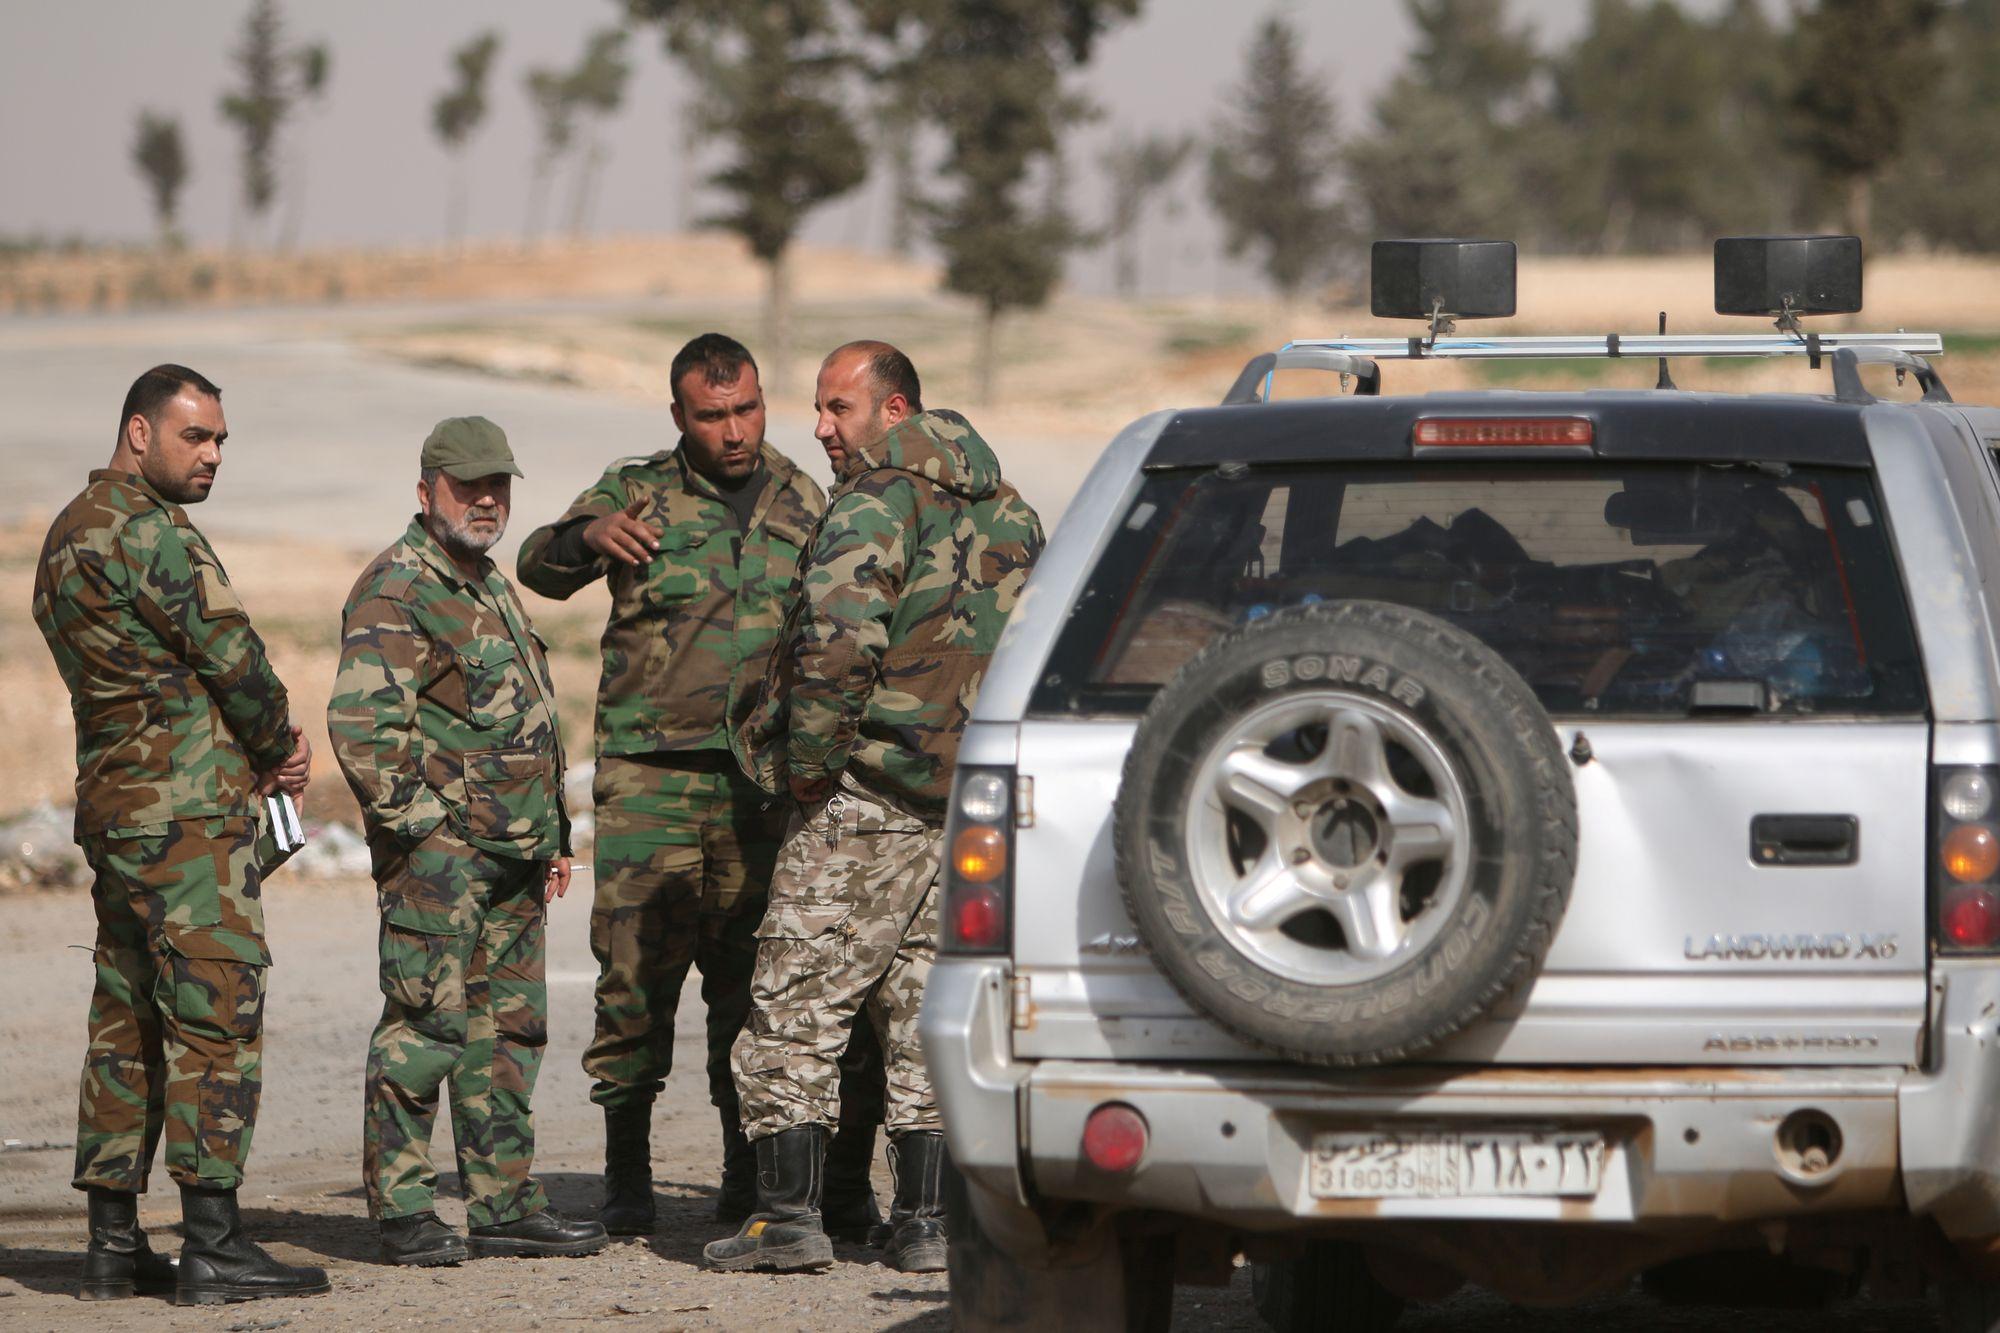 Les Etats-Unis bombardent un convoi de forces liées à Assad — Syrie